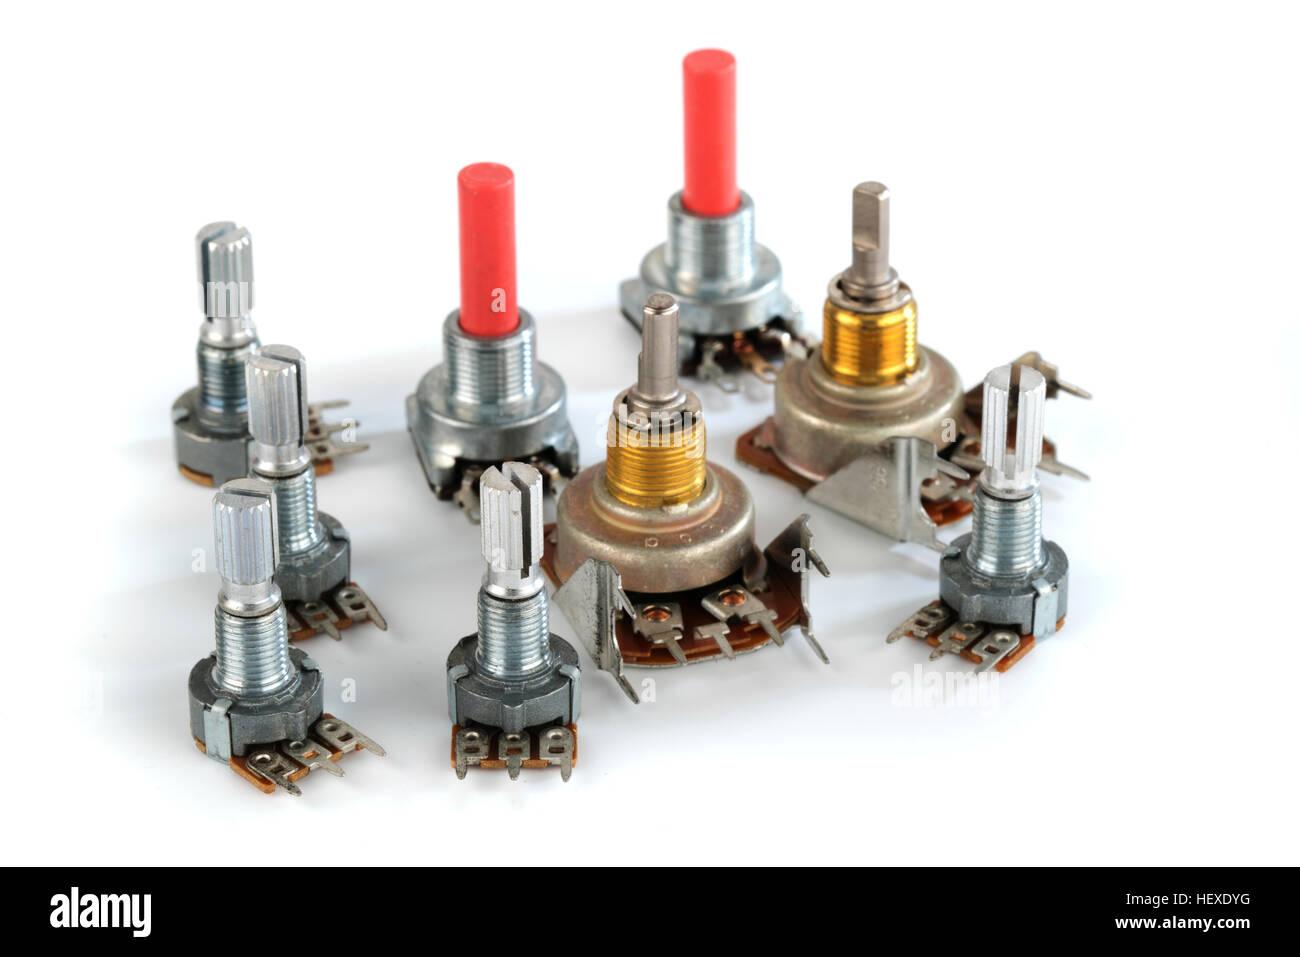 Potenziometro resistori variabili contro uno sfondo bianco. Immagini Stock